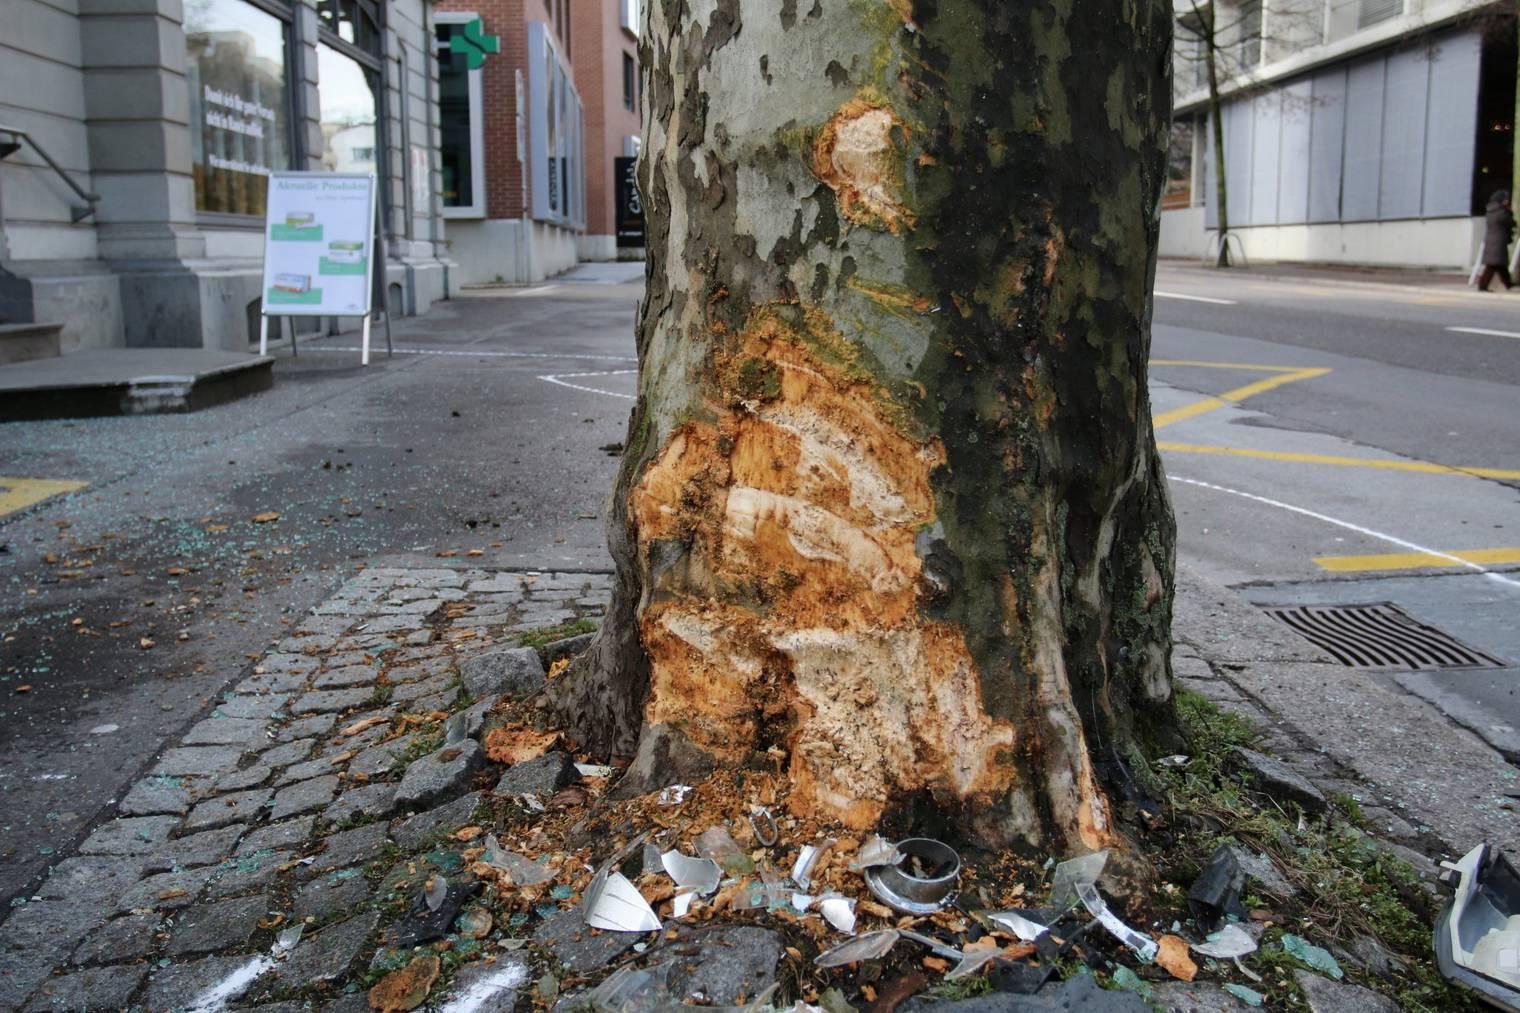 Der Baum, in welchen die 74-Jährige fuhr, sieht jetzt so aus. (Bild: Stapo SG)